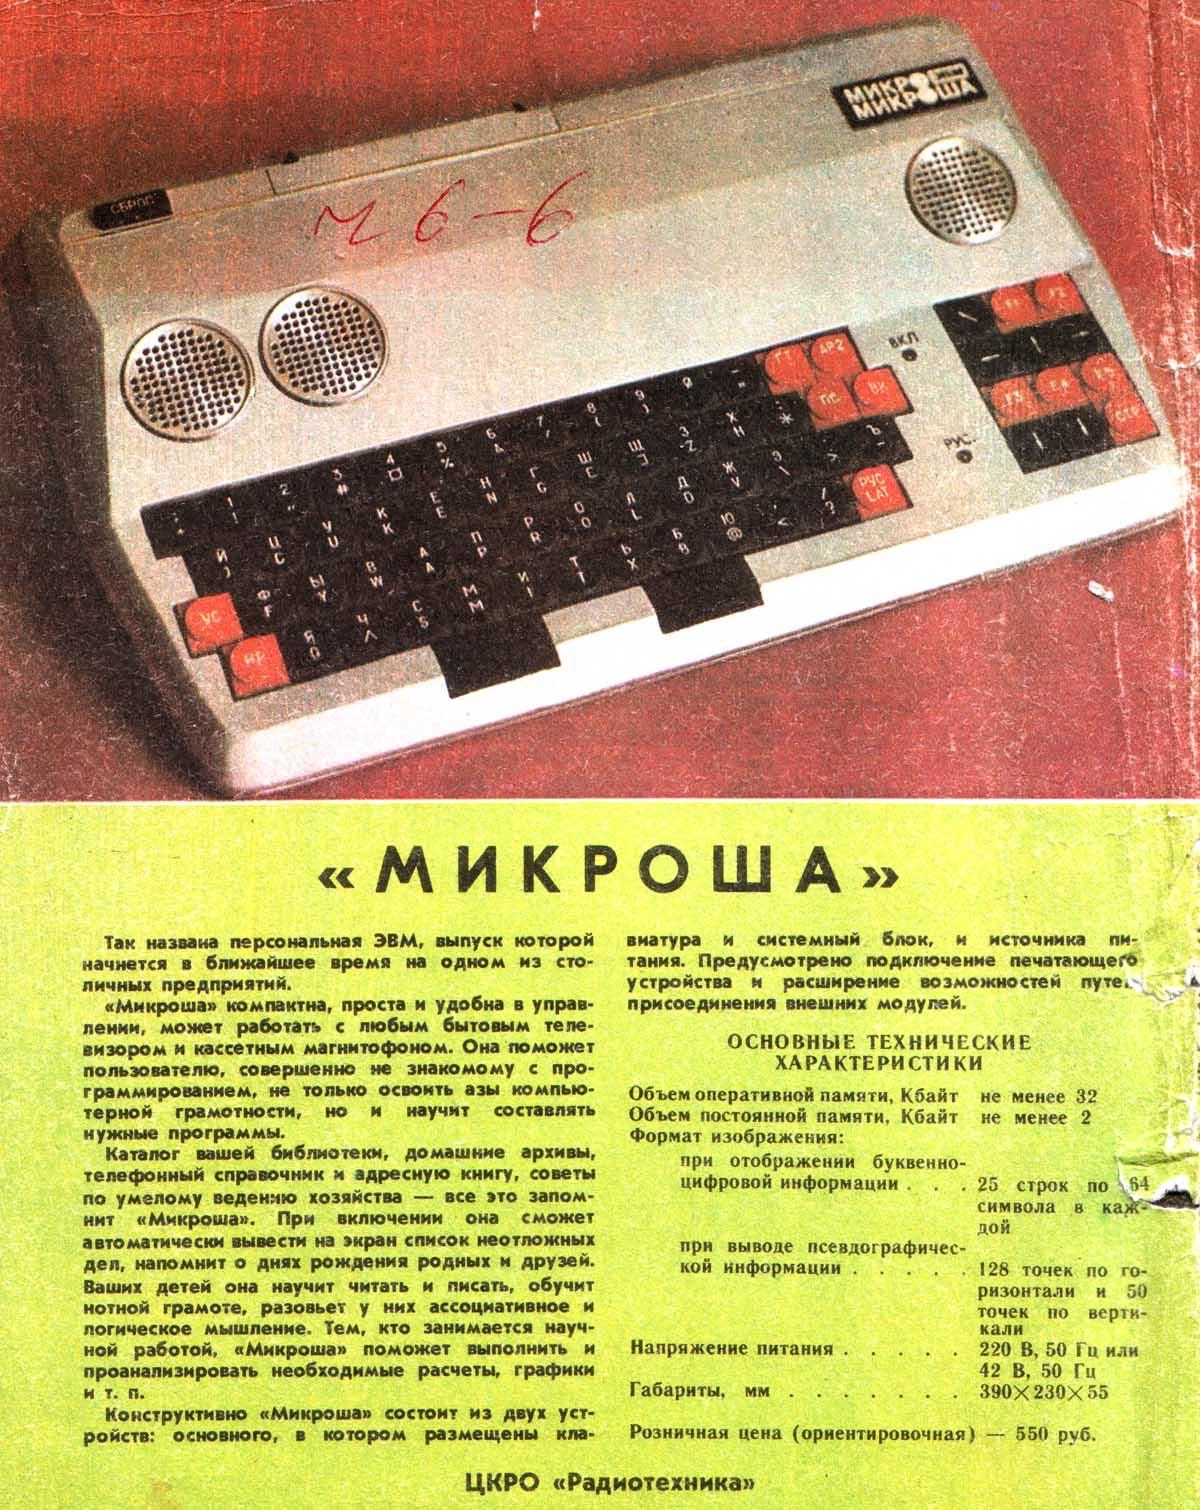 Микроша, Криста, Апогей, Львов — первые советские ЭВМ на вынос - 8